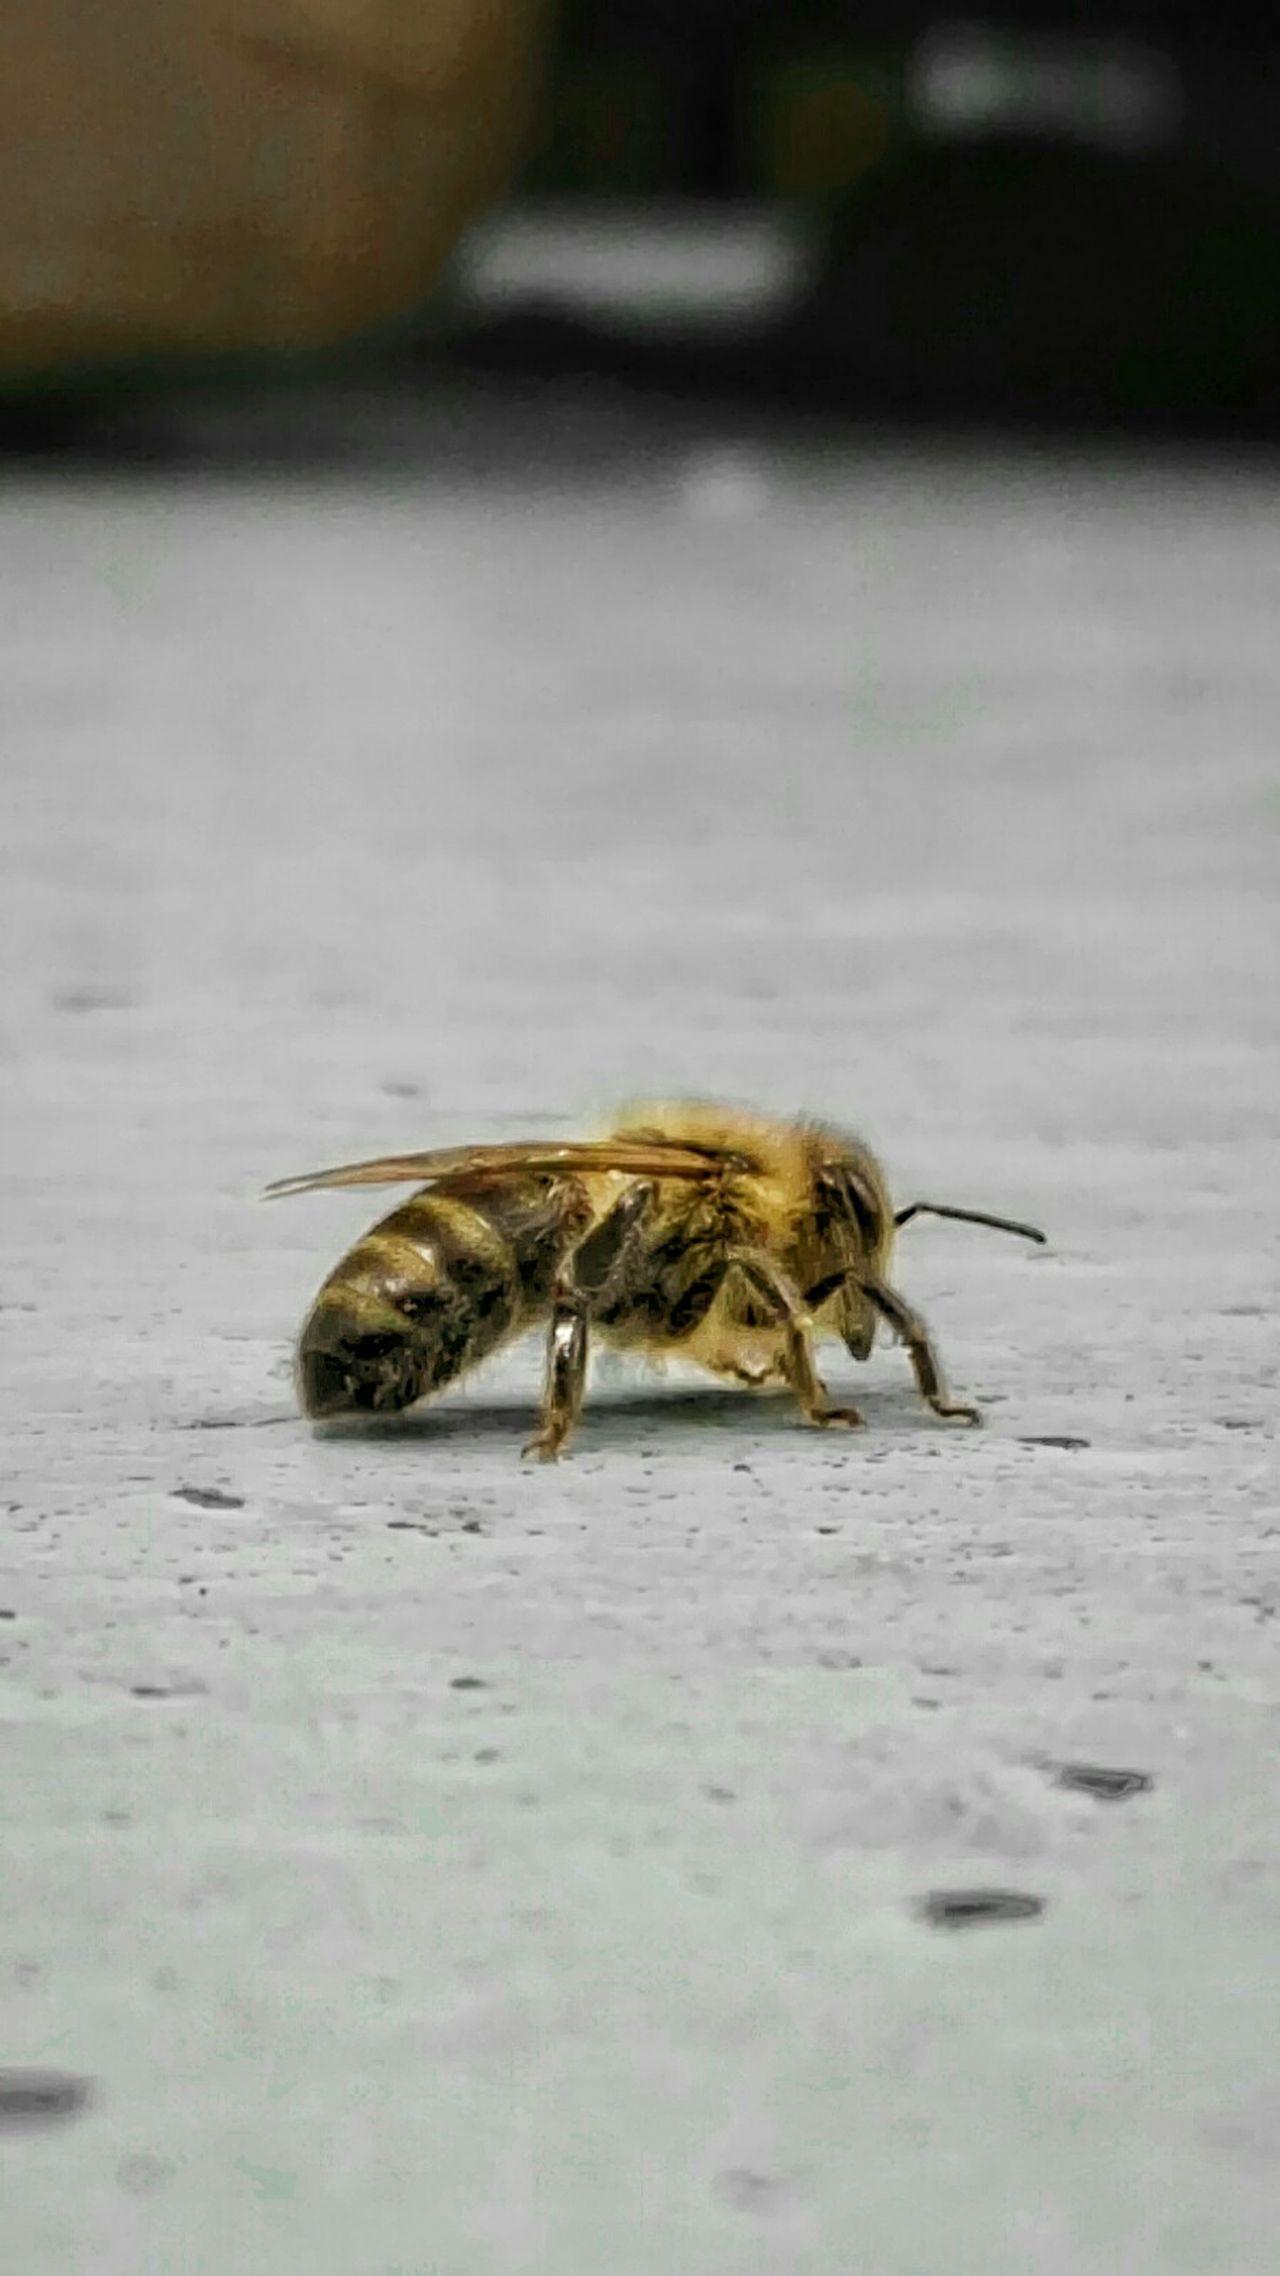 """Nearby d.æ HarryBee, Hair StyleLanded On The Floor Beton Bottom Break Biene 🐝 Pause Flauschig  Biene Gold Have A Break Zeitaus Zwischenraum, kurz nachder NAH- Aufnahme beschloss ein beherzter Schritt schließl. den unerblickten Schluss jener kleinen (bee)ne! iCH schrie auf als hätte meines Kollegens Vollgummipantoffel mich selbst """"betroffen"""" :""""]"""